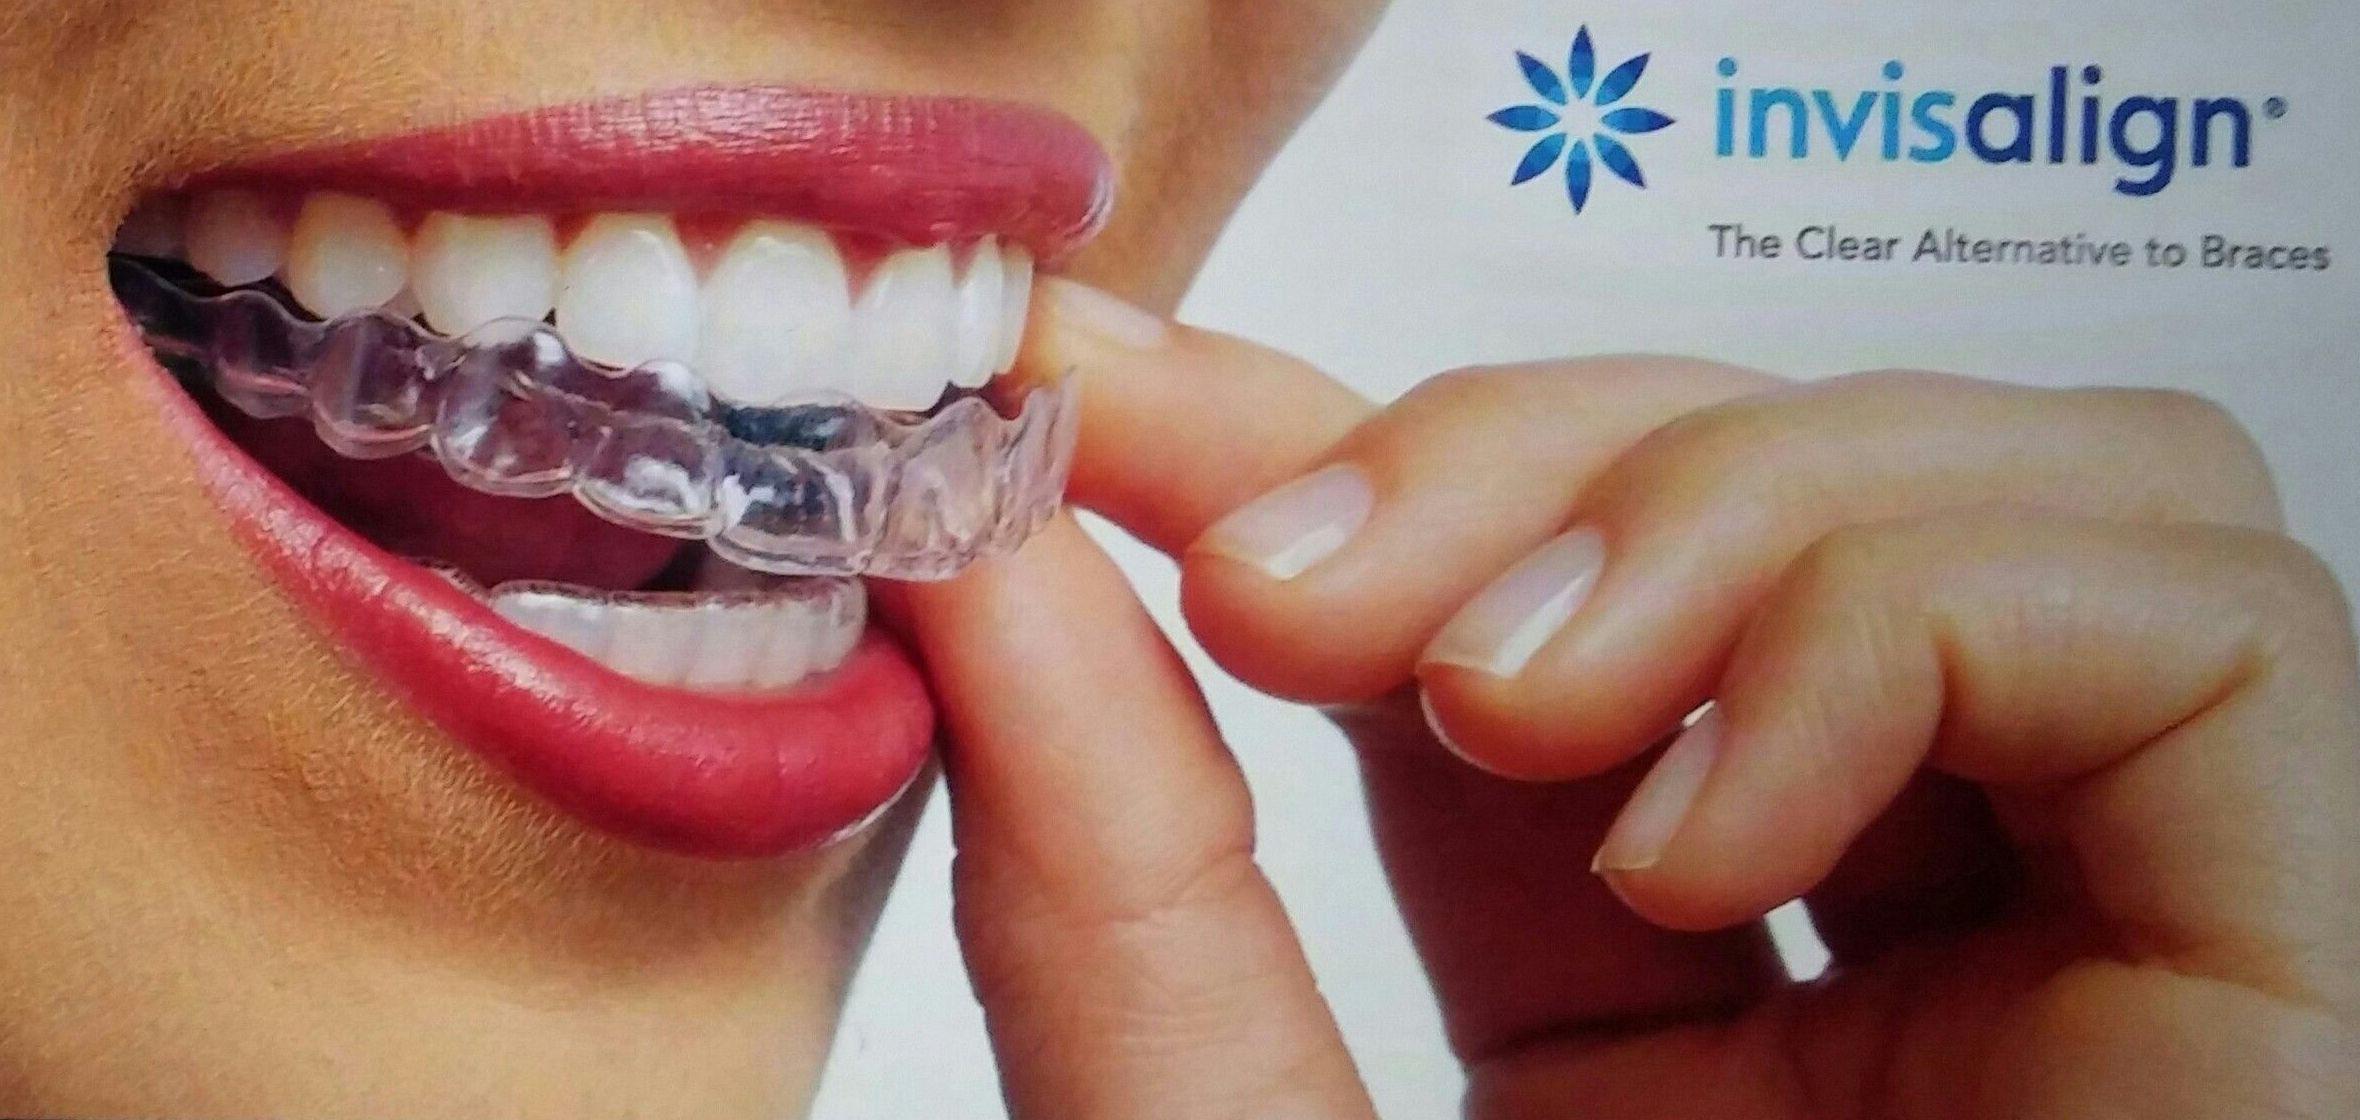 Nuestra ortodoncia invisible es de las más demandadas! Pidenos información